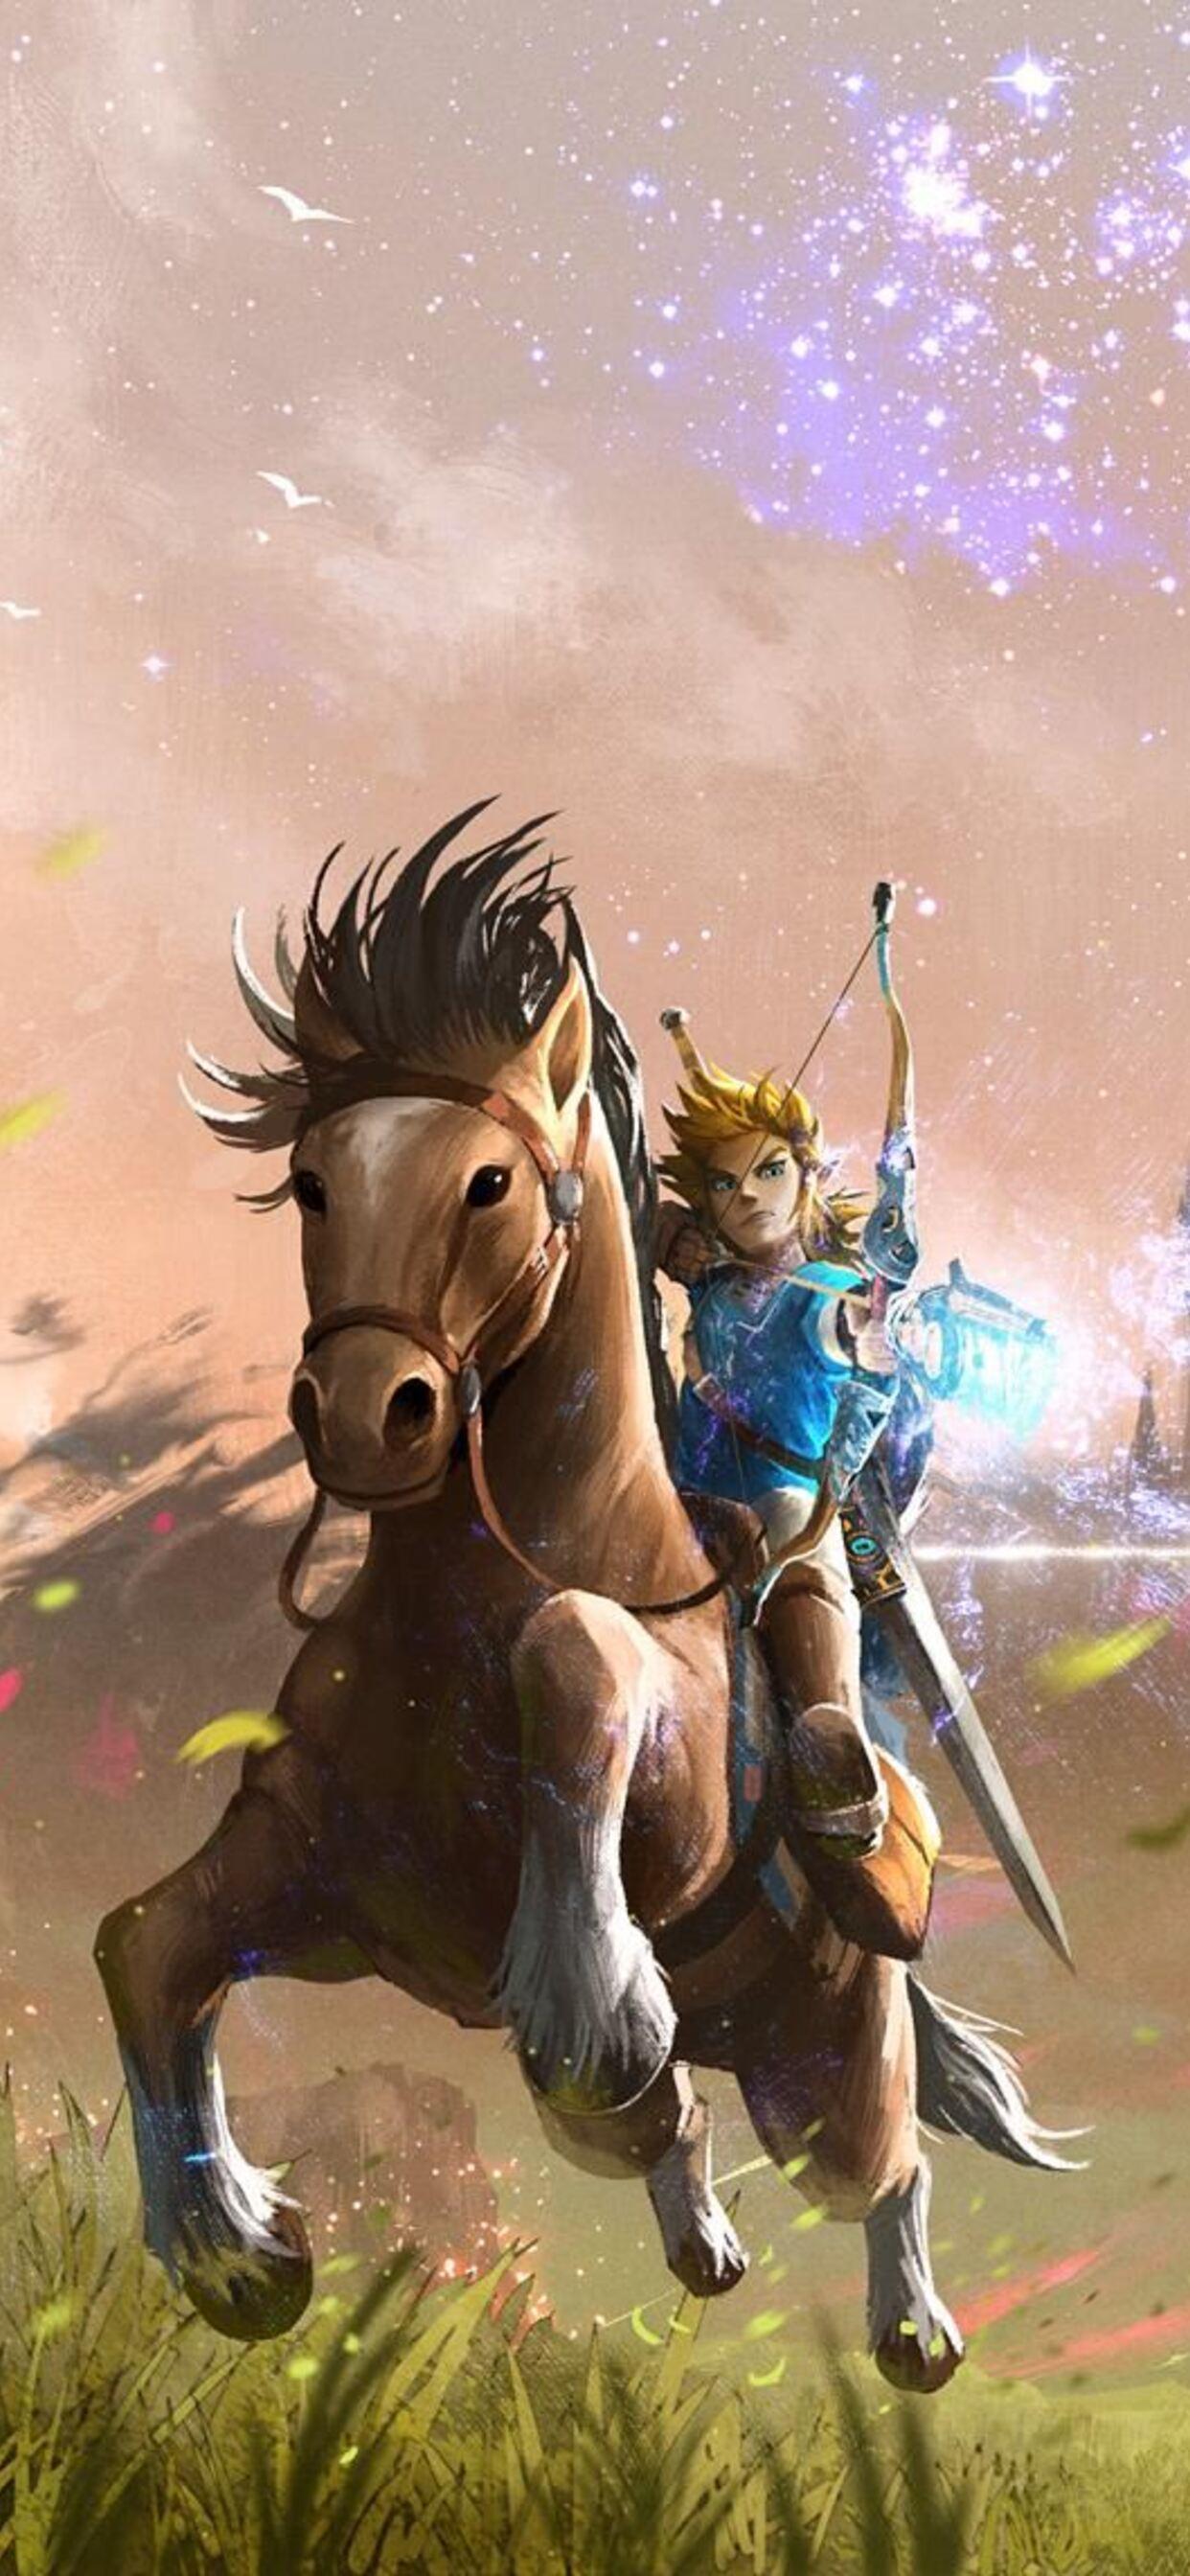 1242x2688 The Legend Of Zelda Art Iphone Xs Max Hd 4k Wallpapers